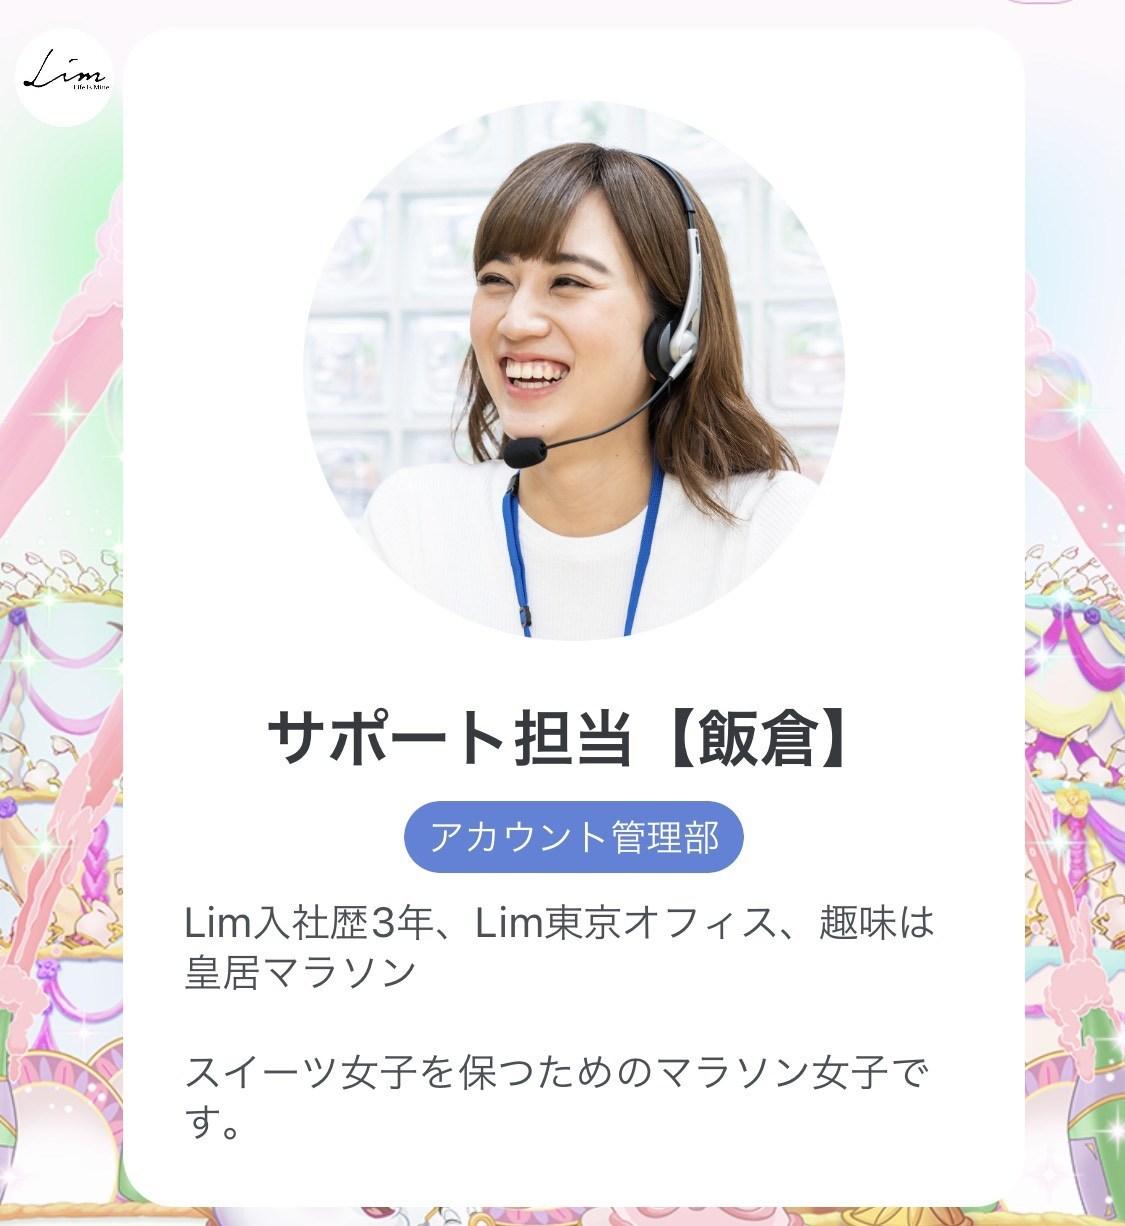 竹花貴騎 経歴